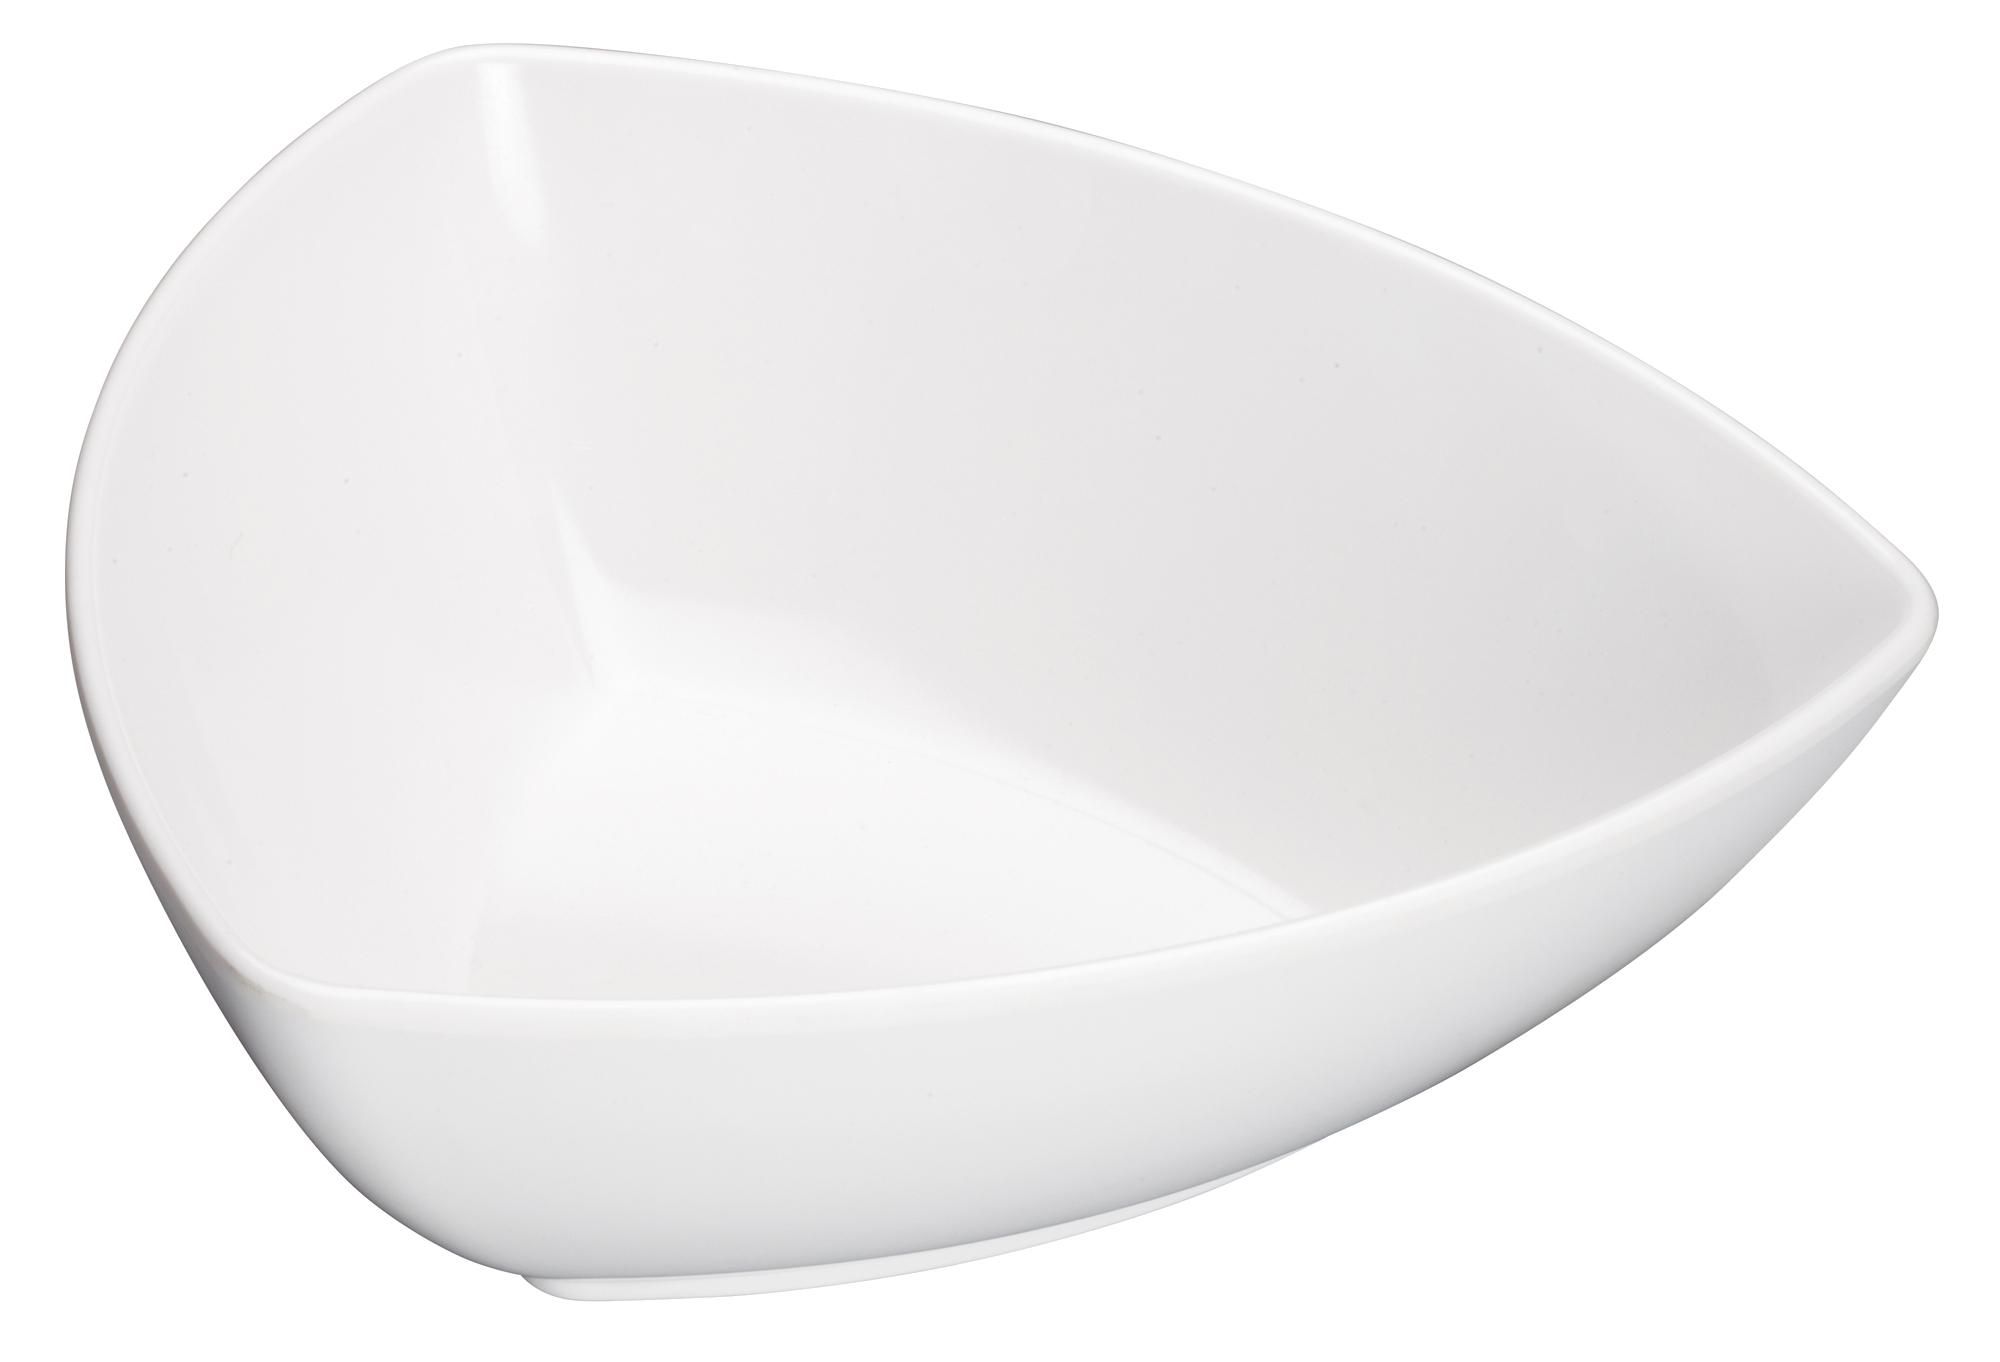 Winco WDM005-201 bowl, plastic,  0 - 31 oz